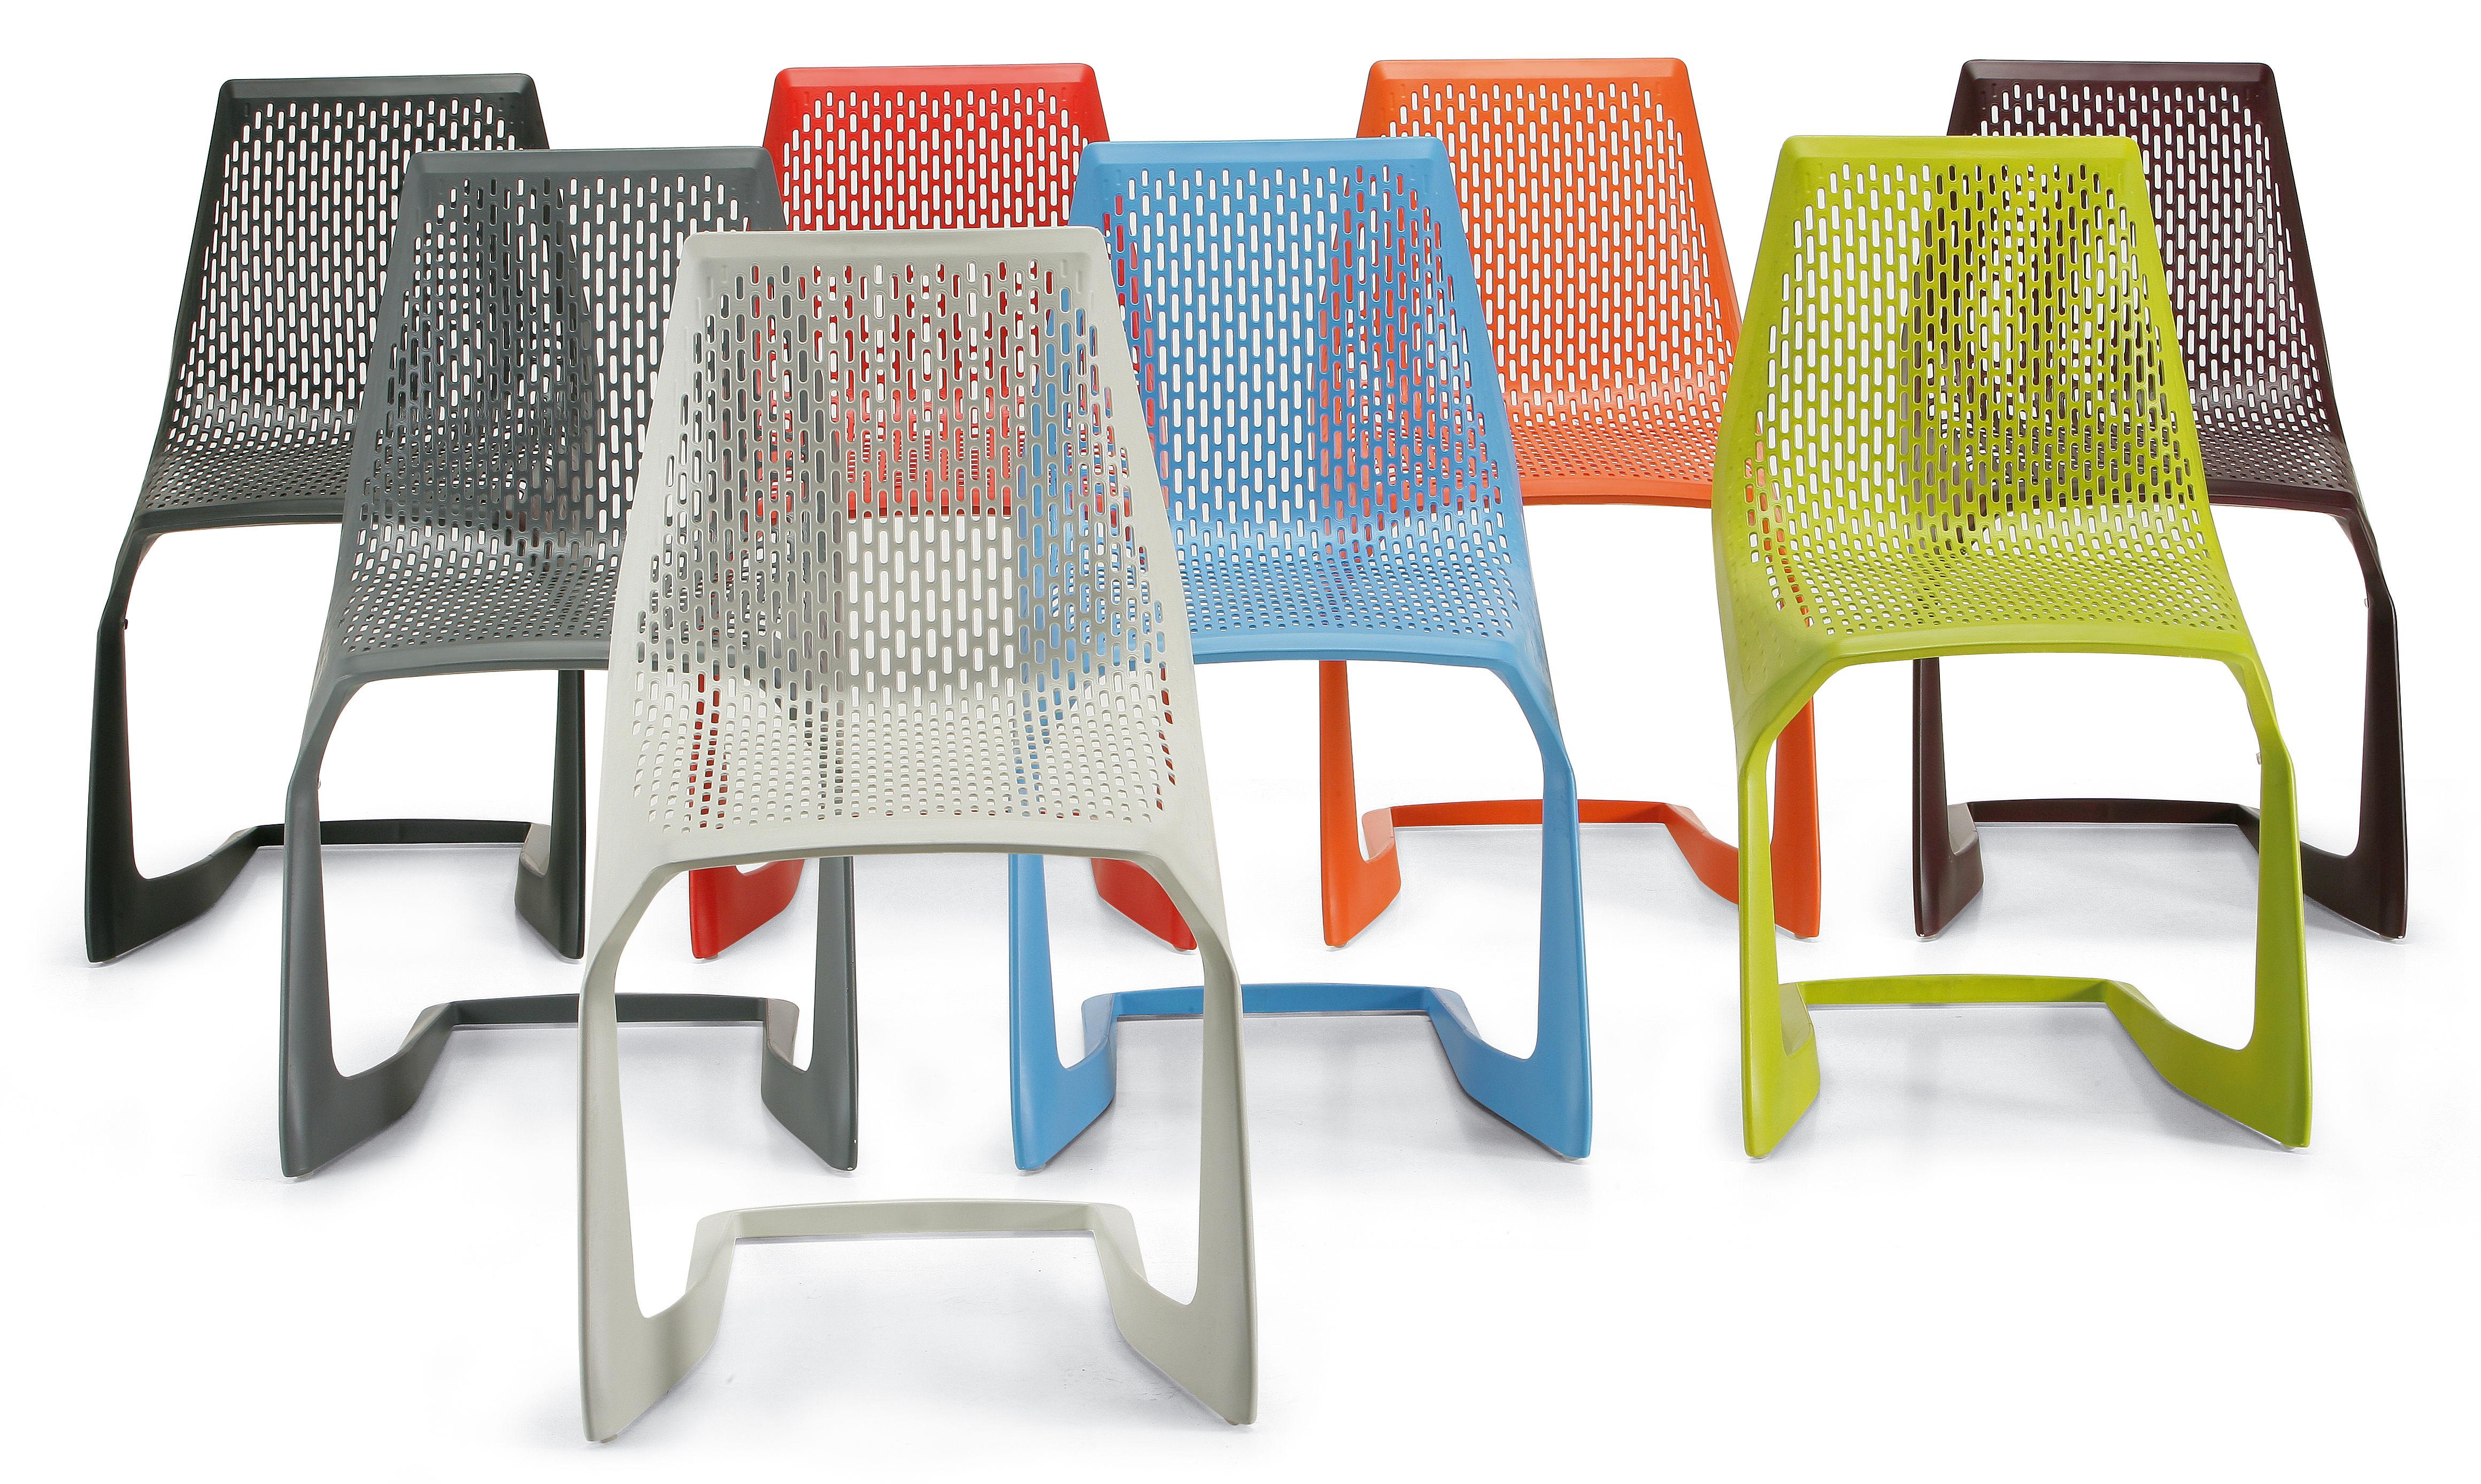 Chaise empilable myto plastique noir plank made in design for Chaise empilable plastique